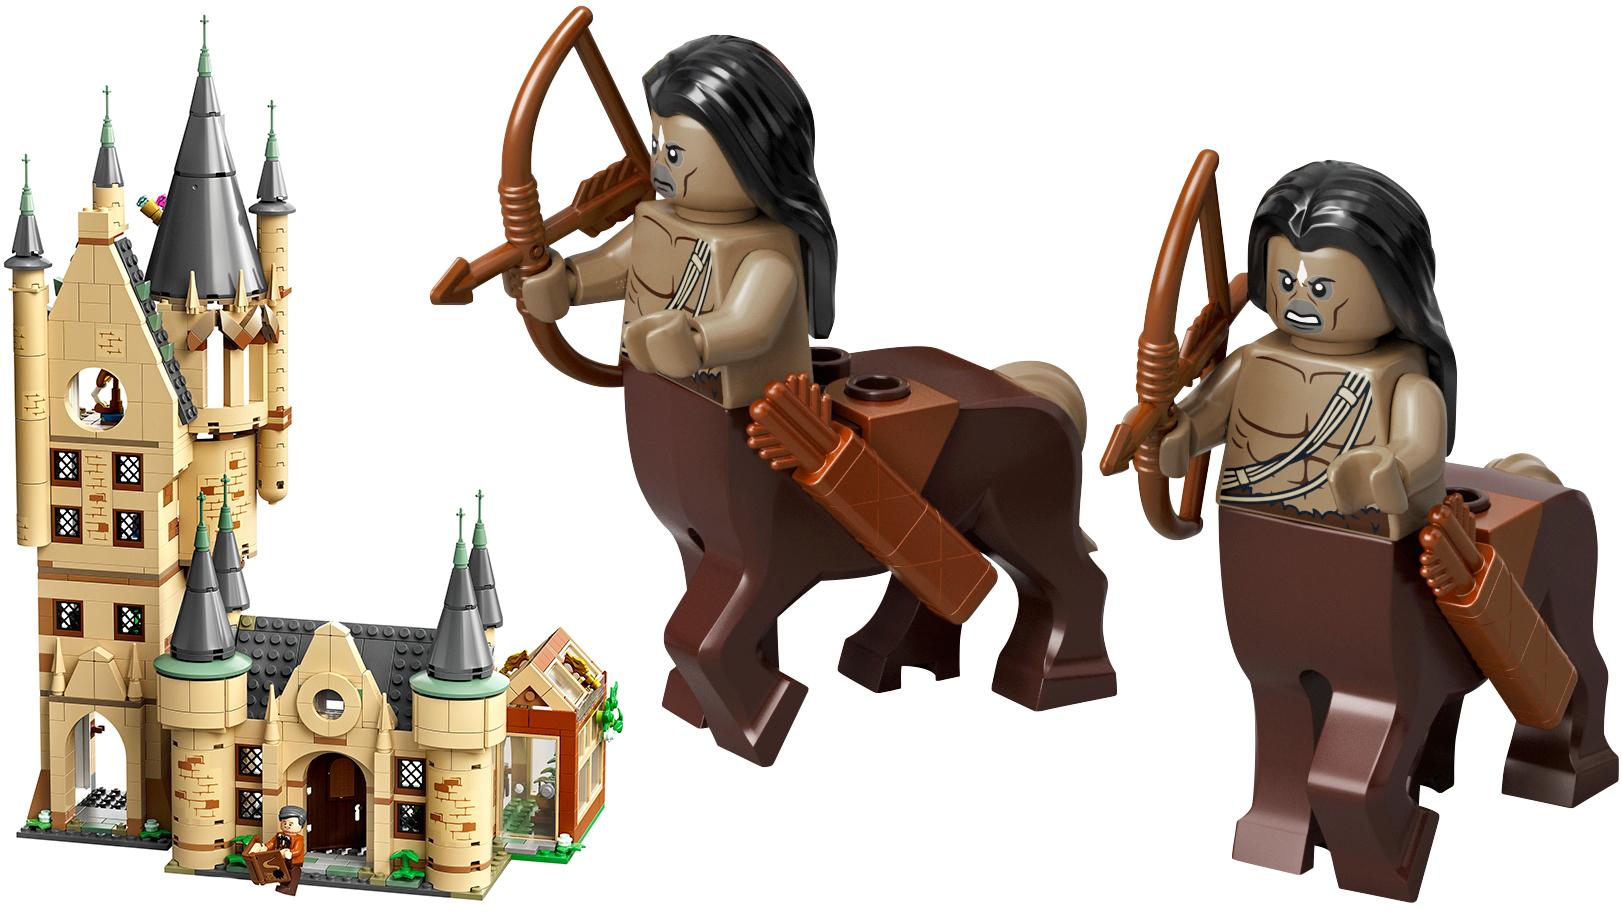 Nuovo set Lego Harry Potter in arrivo, questa volta ci sono i centauri thumbnail